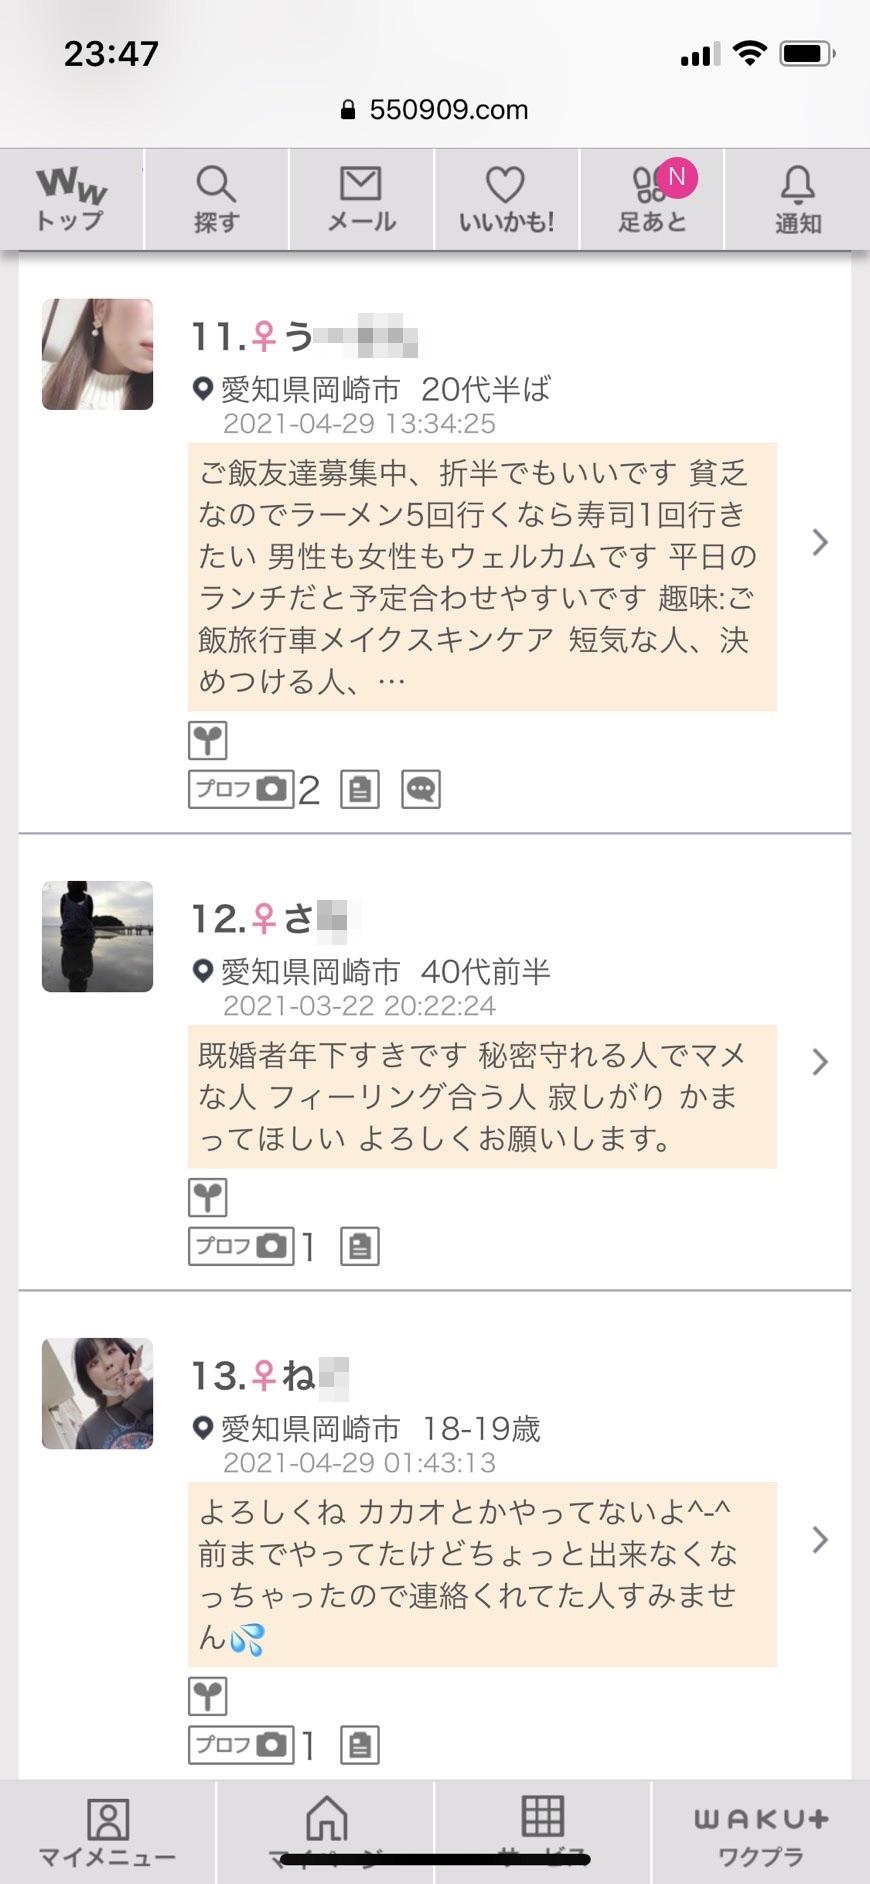 岡崎・出会い希望(ワクワクメール)